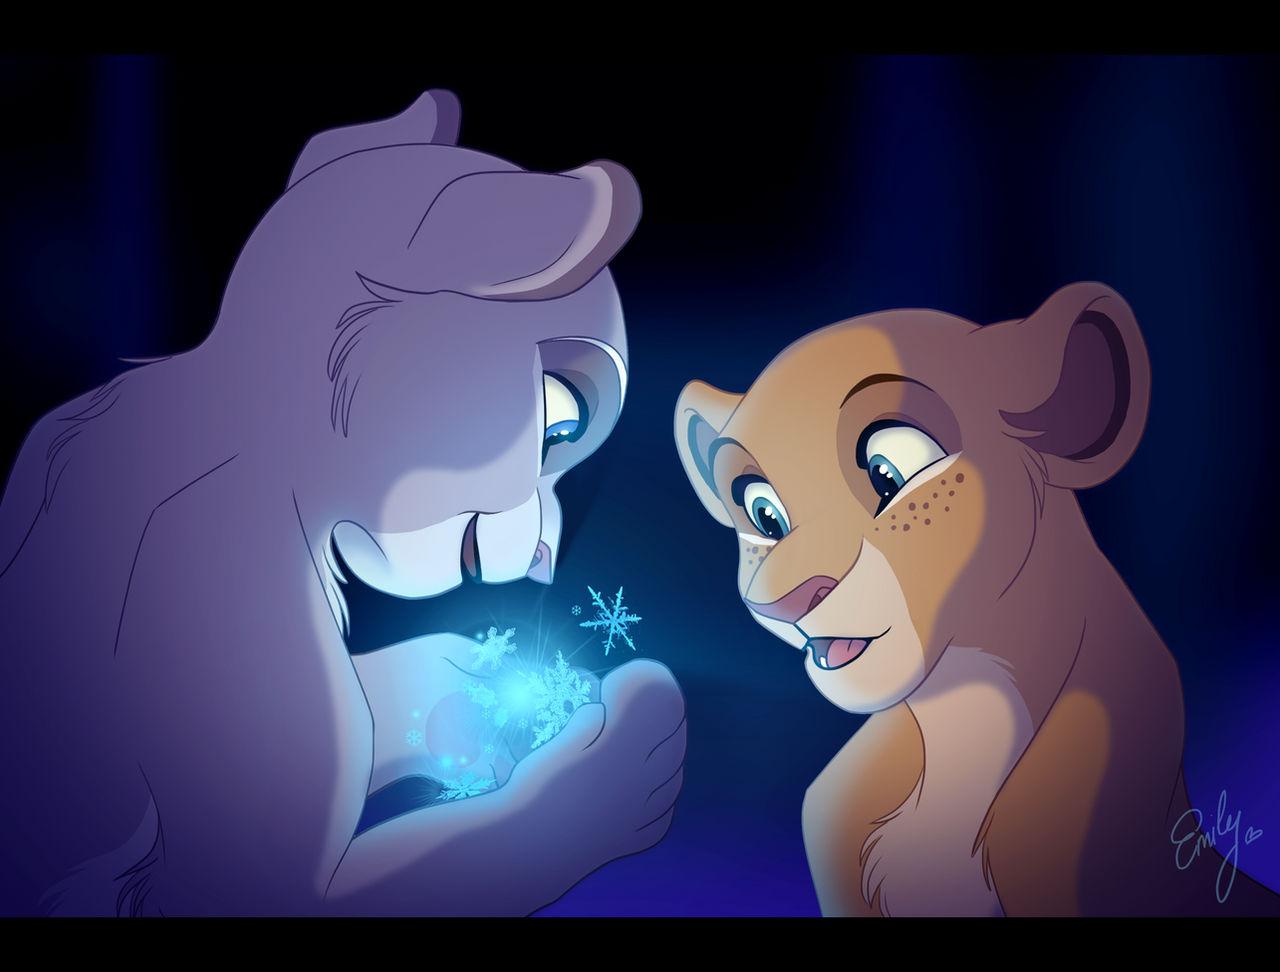 Do The Magic! - Elsa and Anna